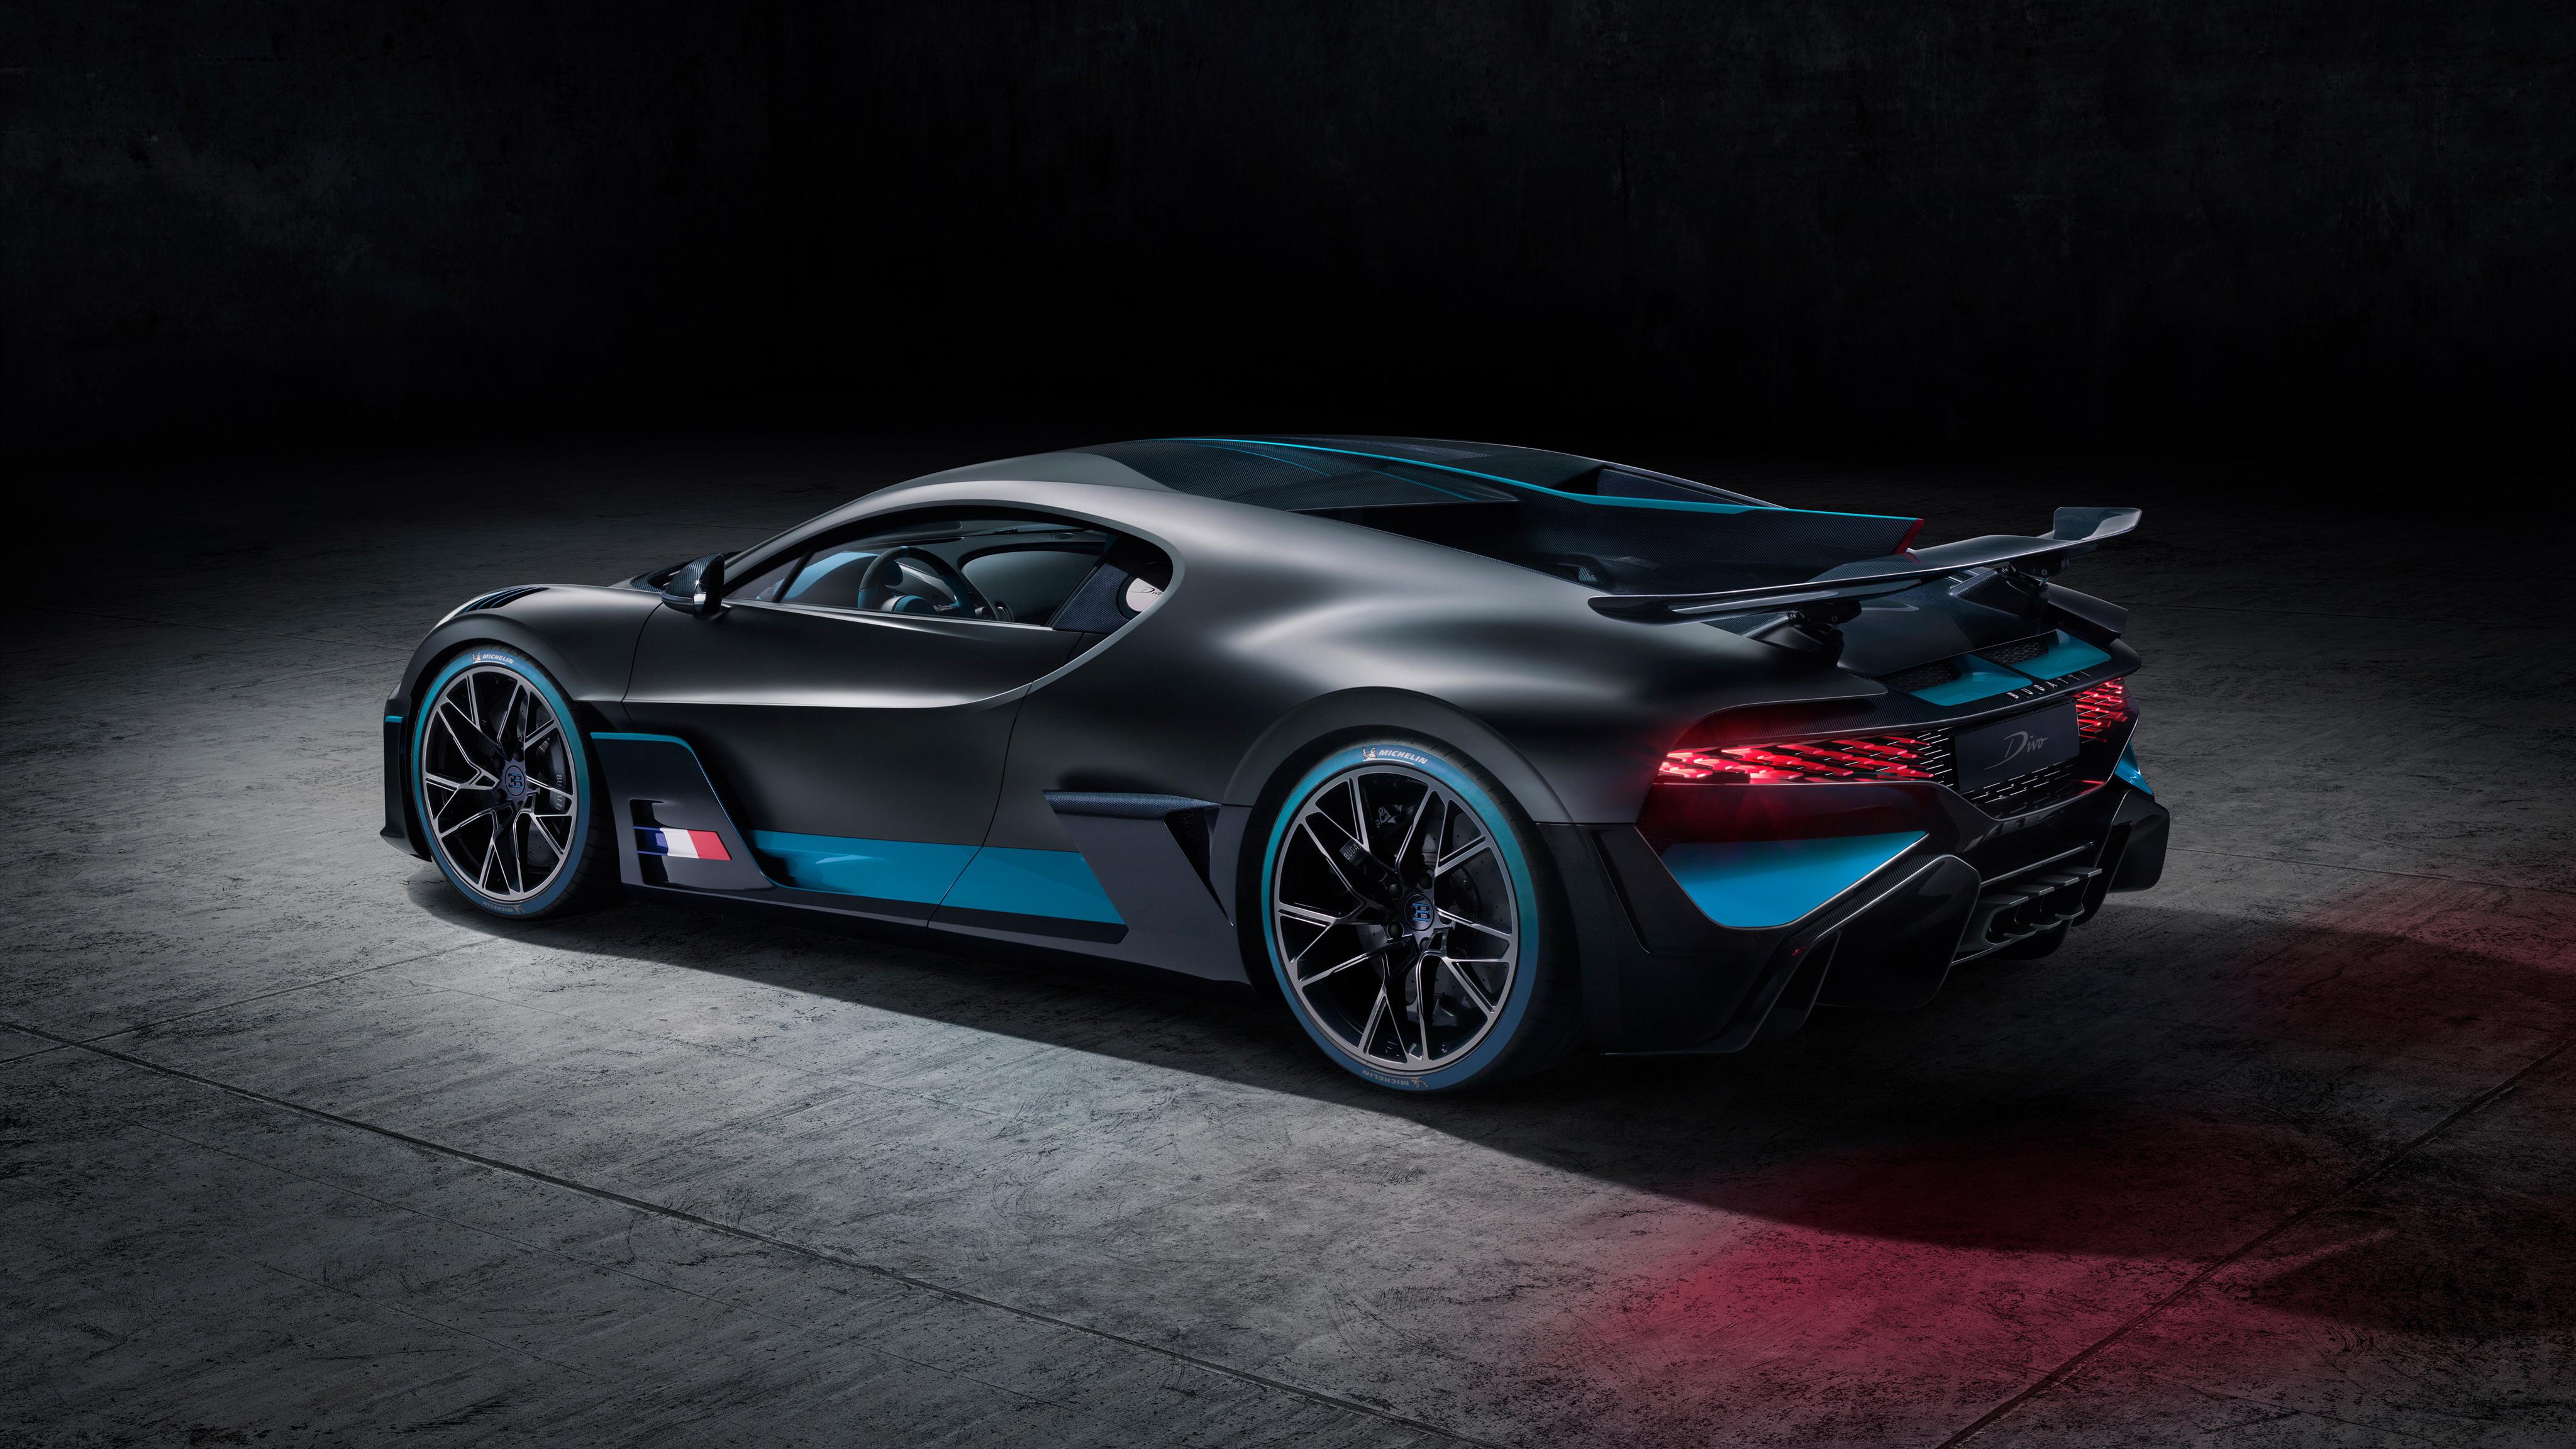 Bmw Wallpaper Iphone X 2019 Bugatti Divo 4k 12 Wallpaper Hd Car Wallpapers Id